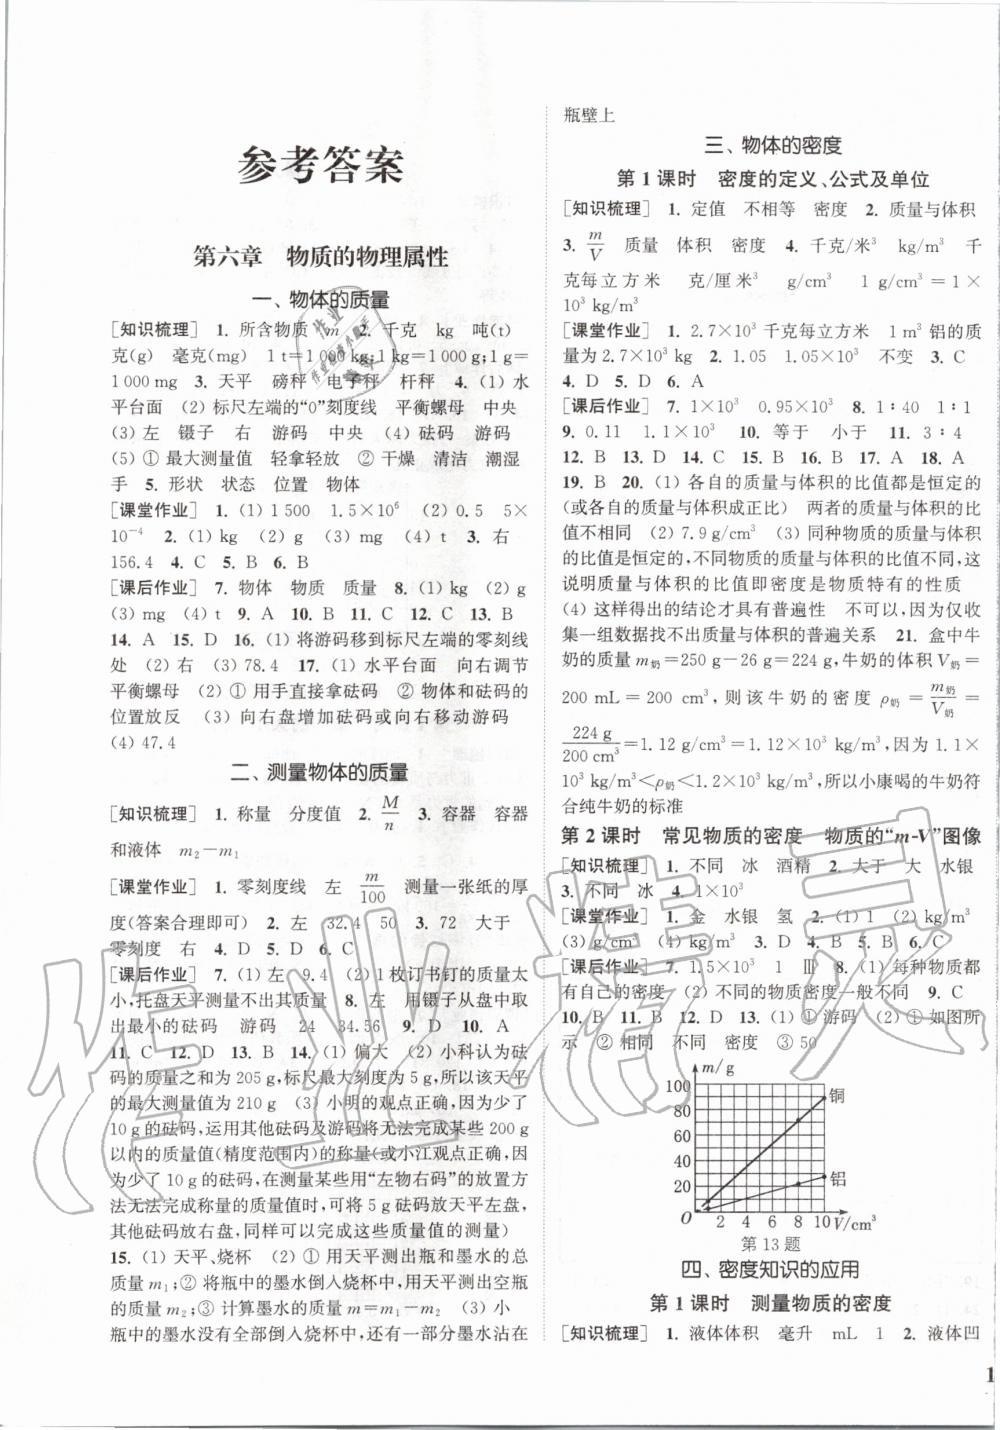 2020年通城学典课时作业本八年级物理下册苏科版江苏专用第1页